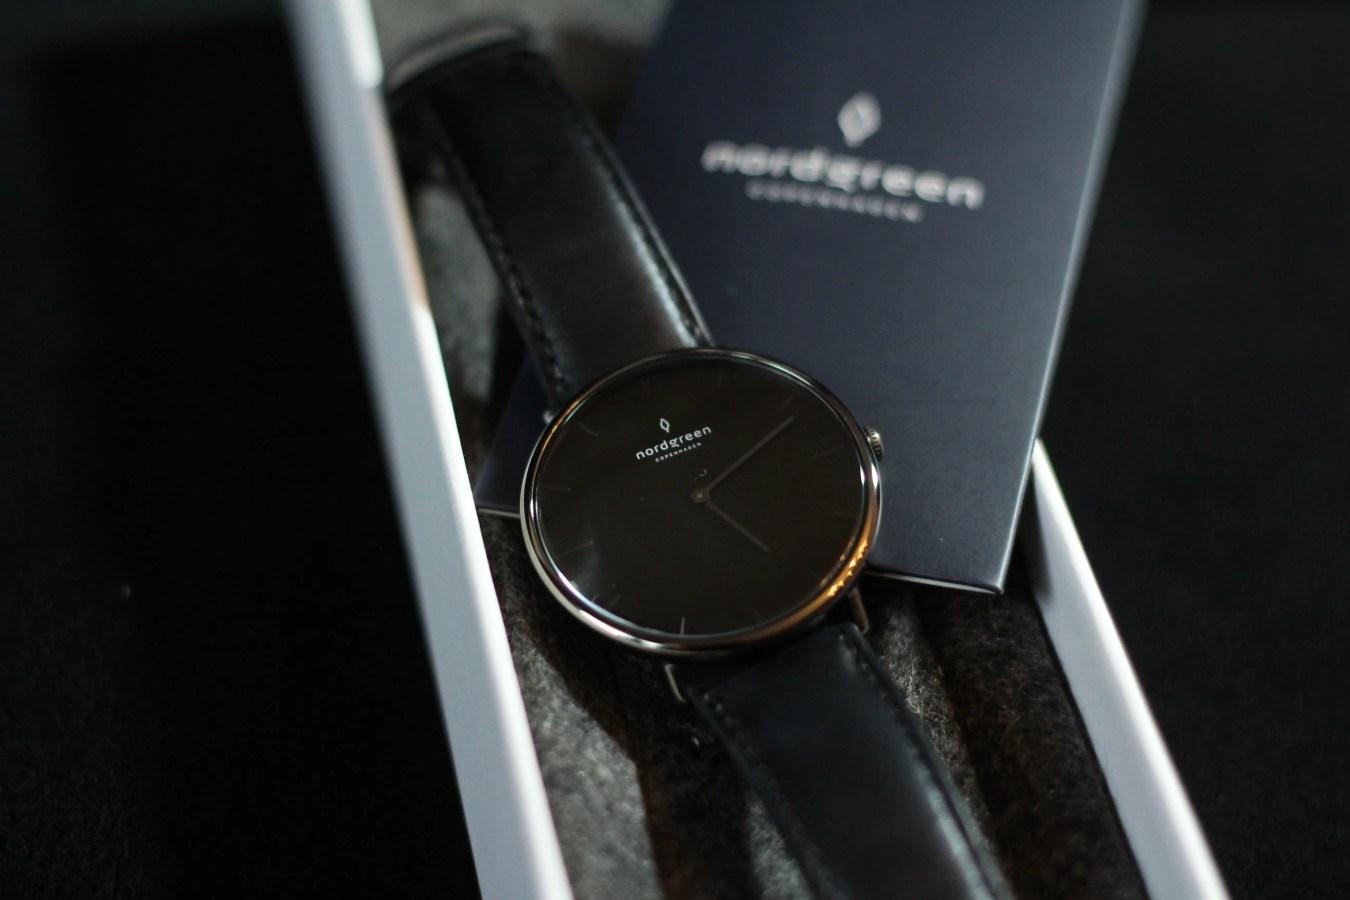 Nordgreen Uhr, Uhr im dänischen Design, Uhr im skandinavischen Design, schwarze Uhr, Klassische Uhr